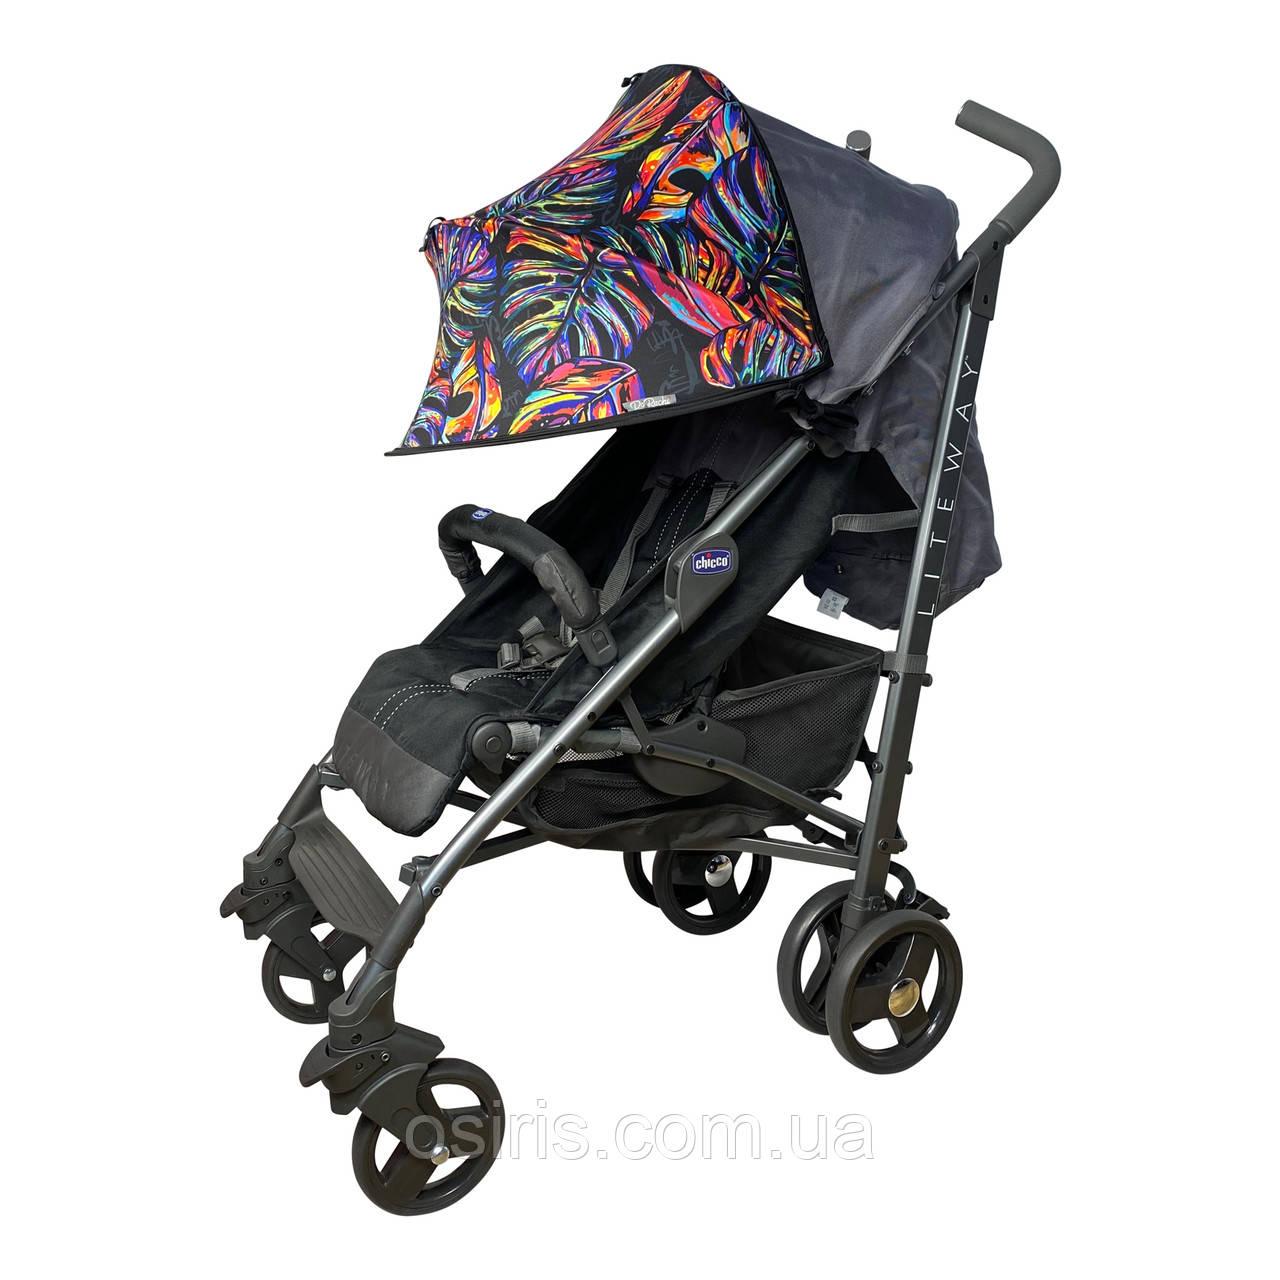 Цветной двойной солнцезащитный козырек для коляски универсальный  Color Twin Shade Тропические листья